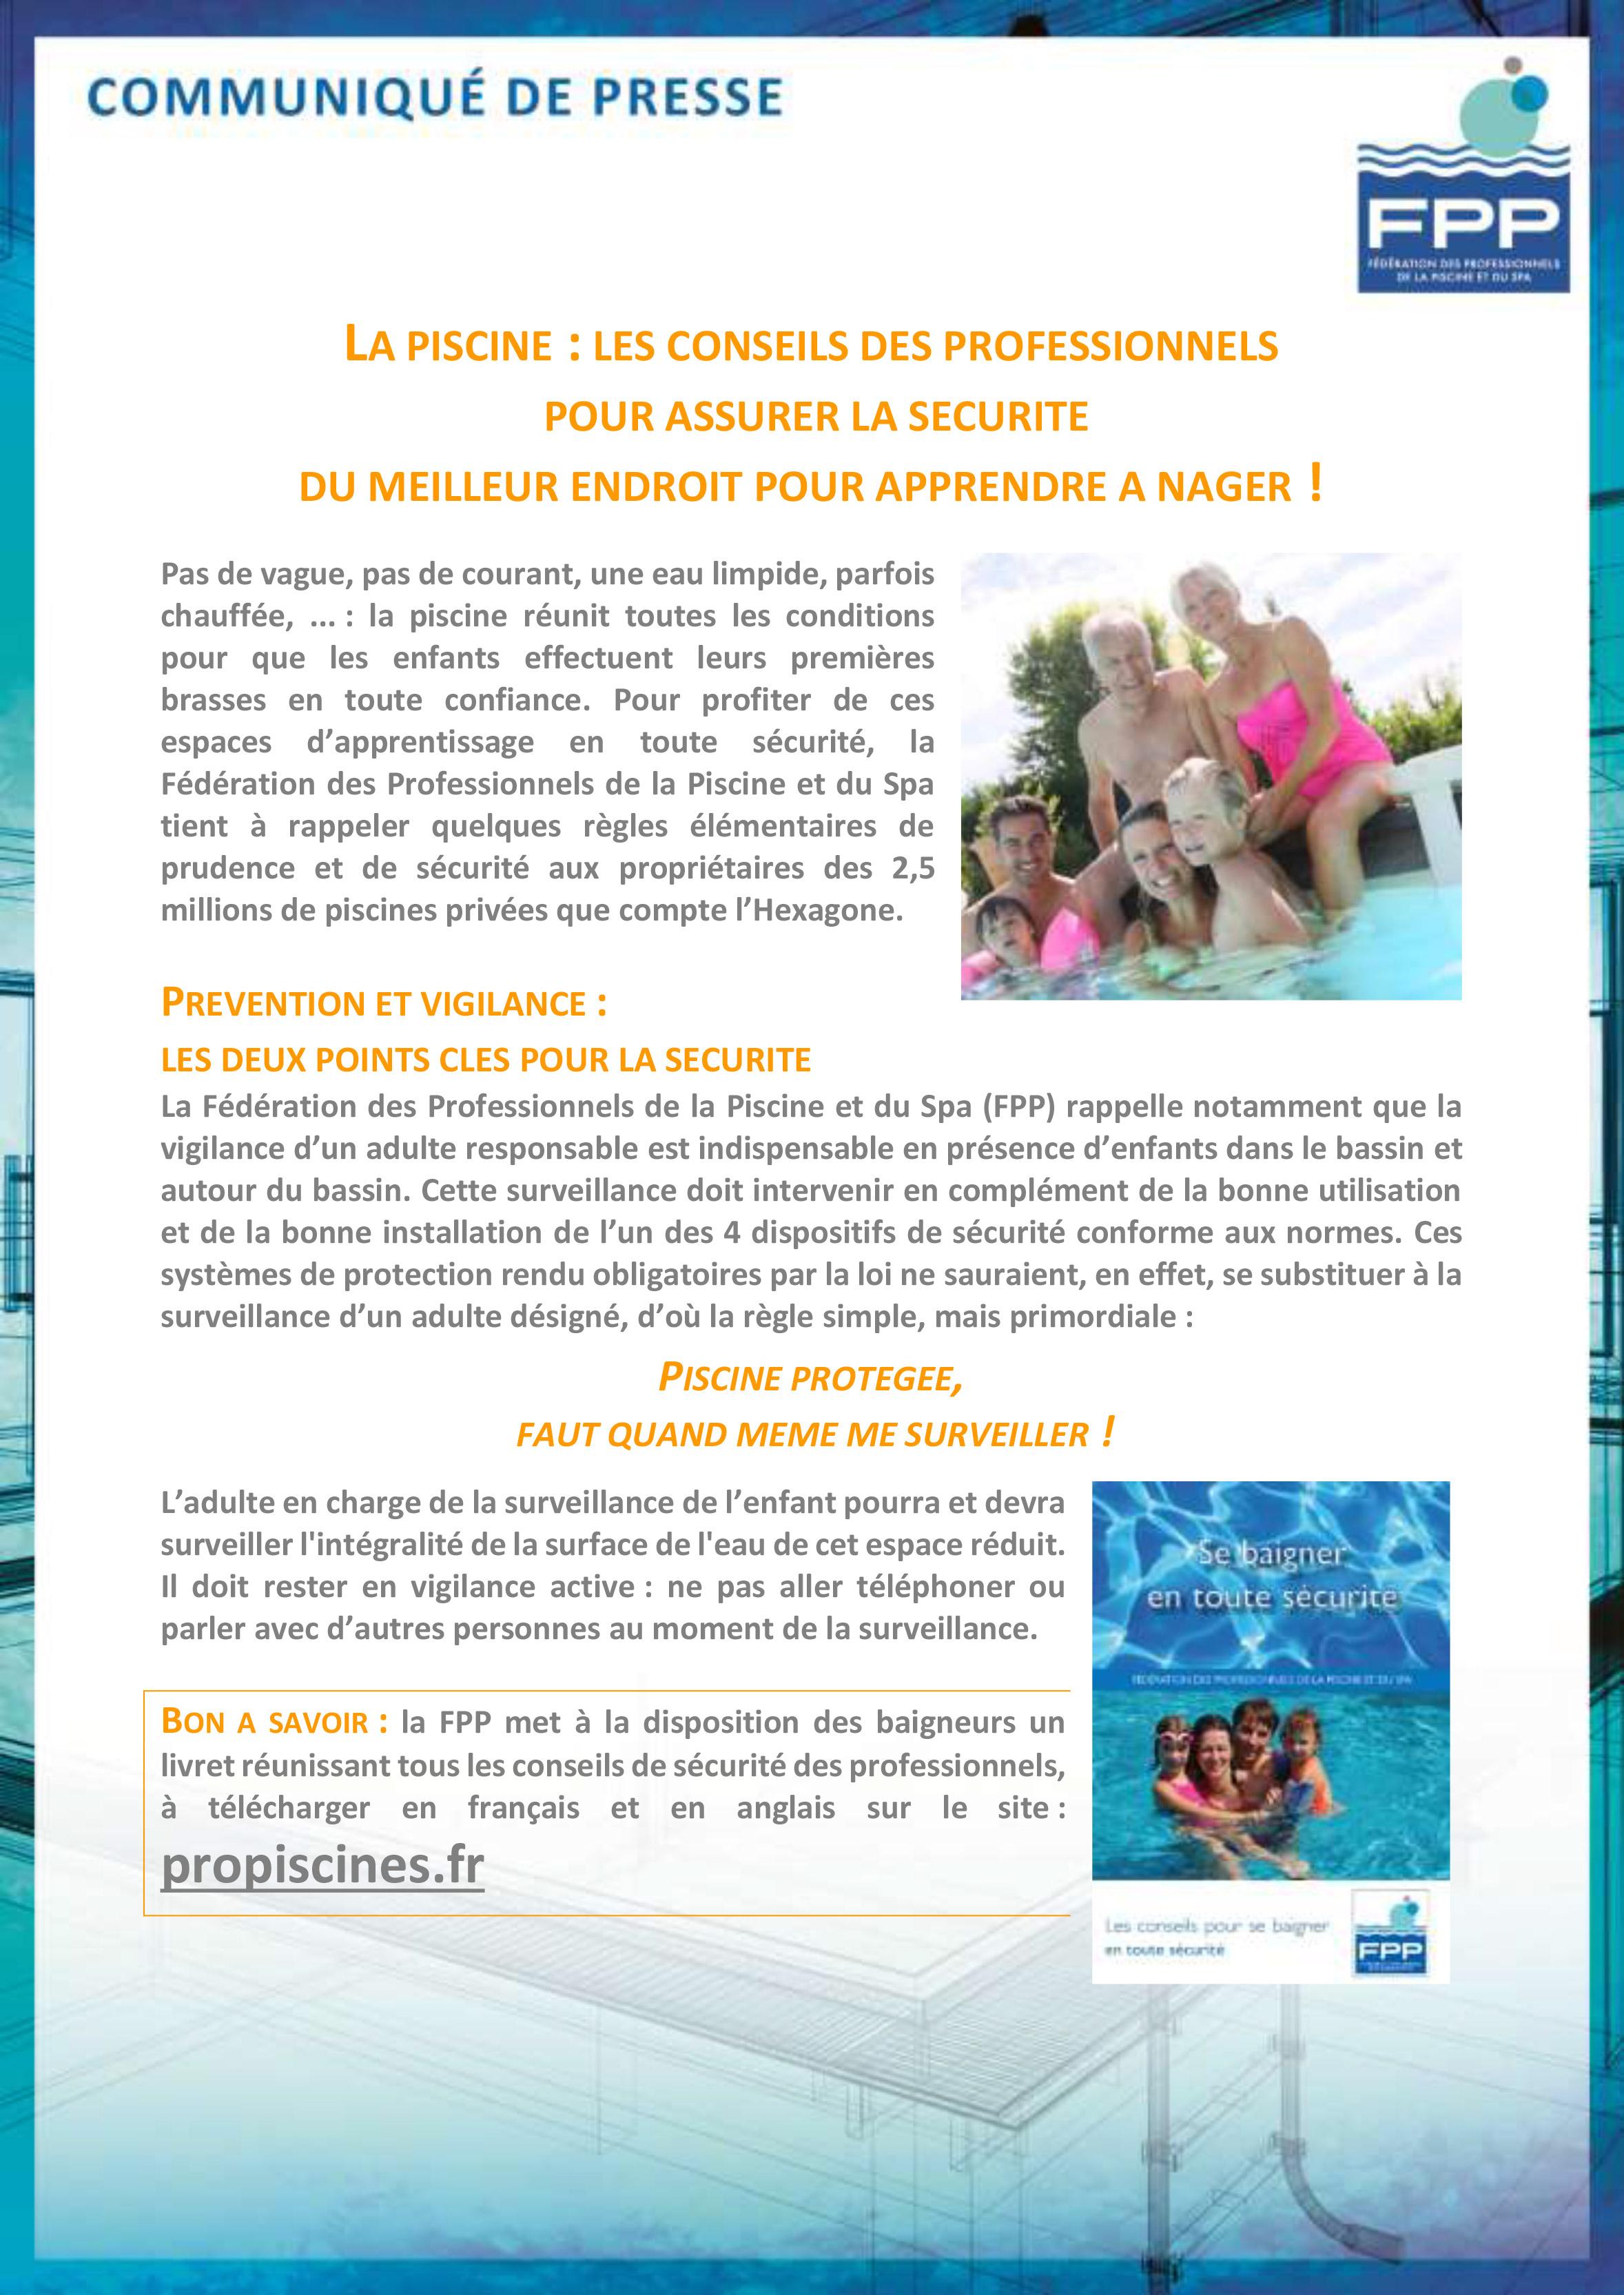 Première page du communiqué de presse de la FPP sur la sécurité des piscines